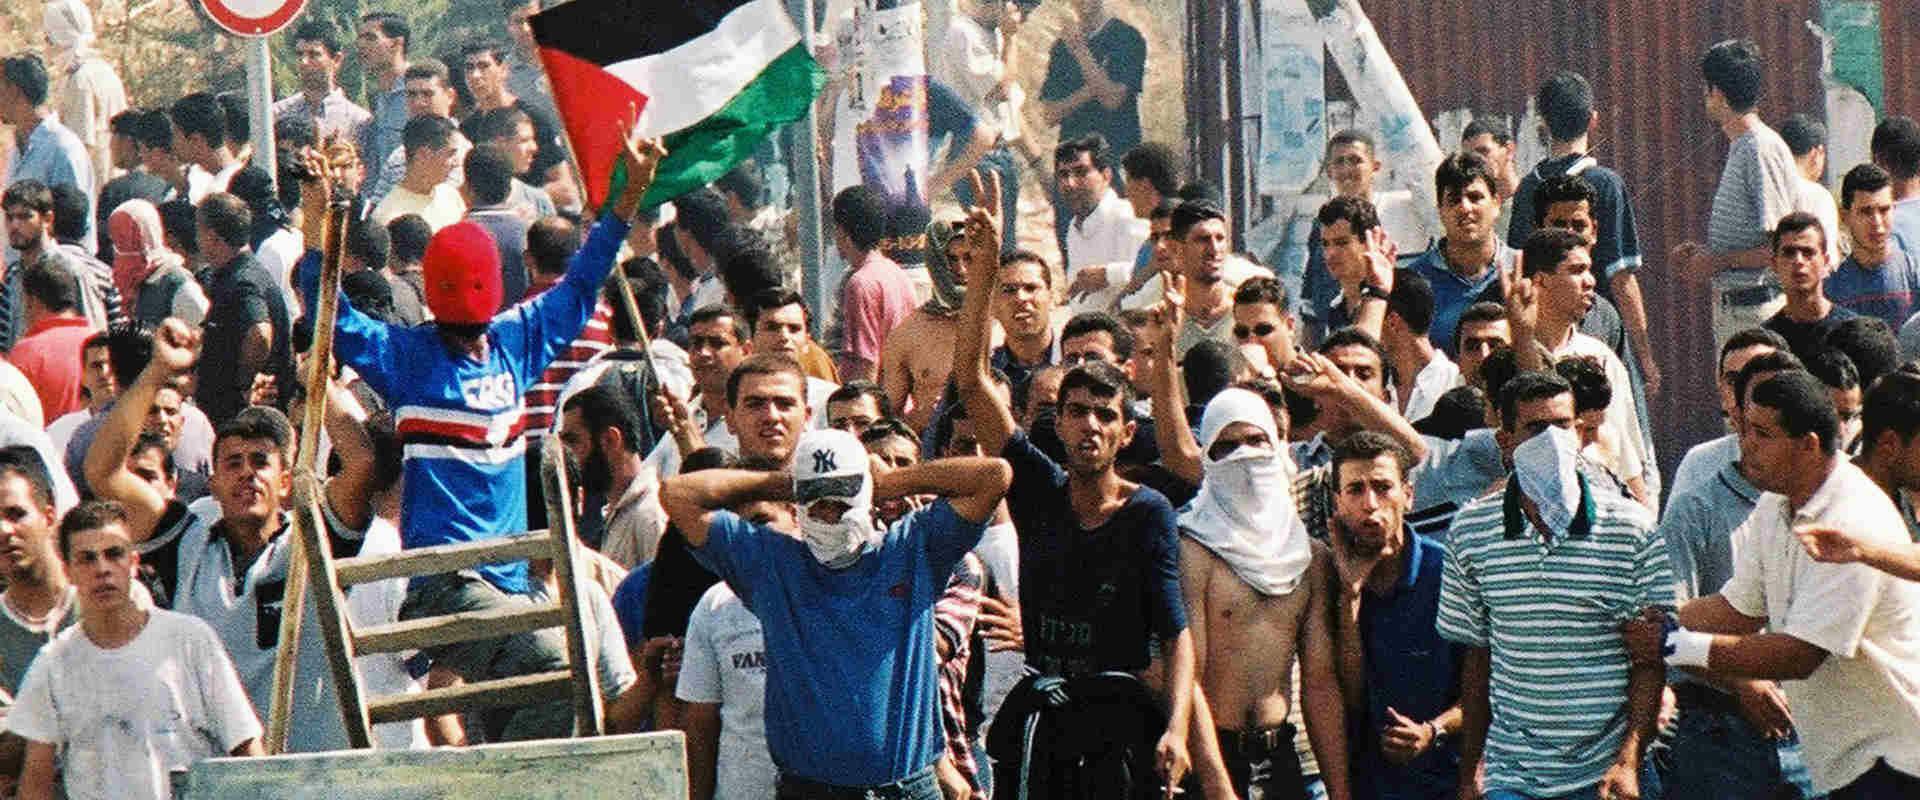 הפגנה אלימה של ערביי ישראל